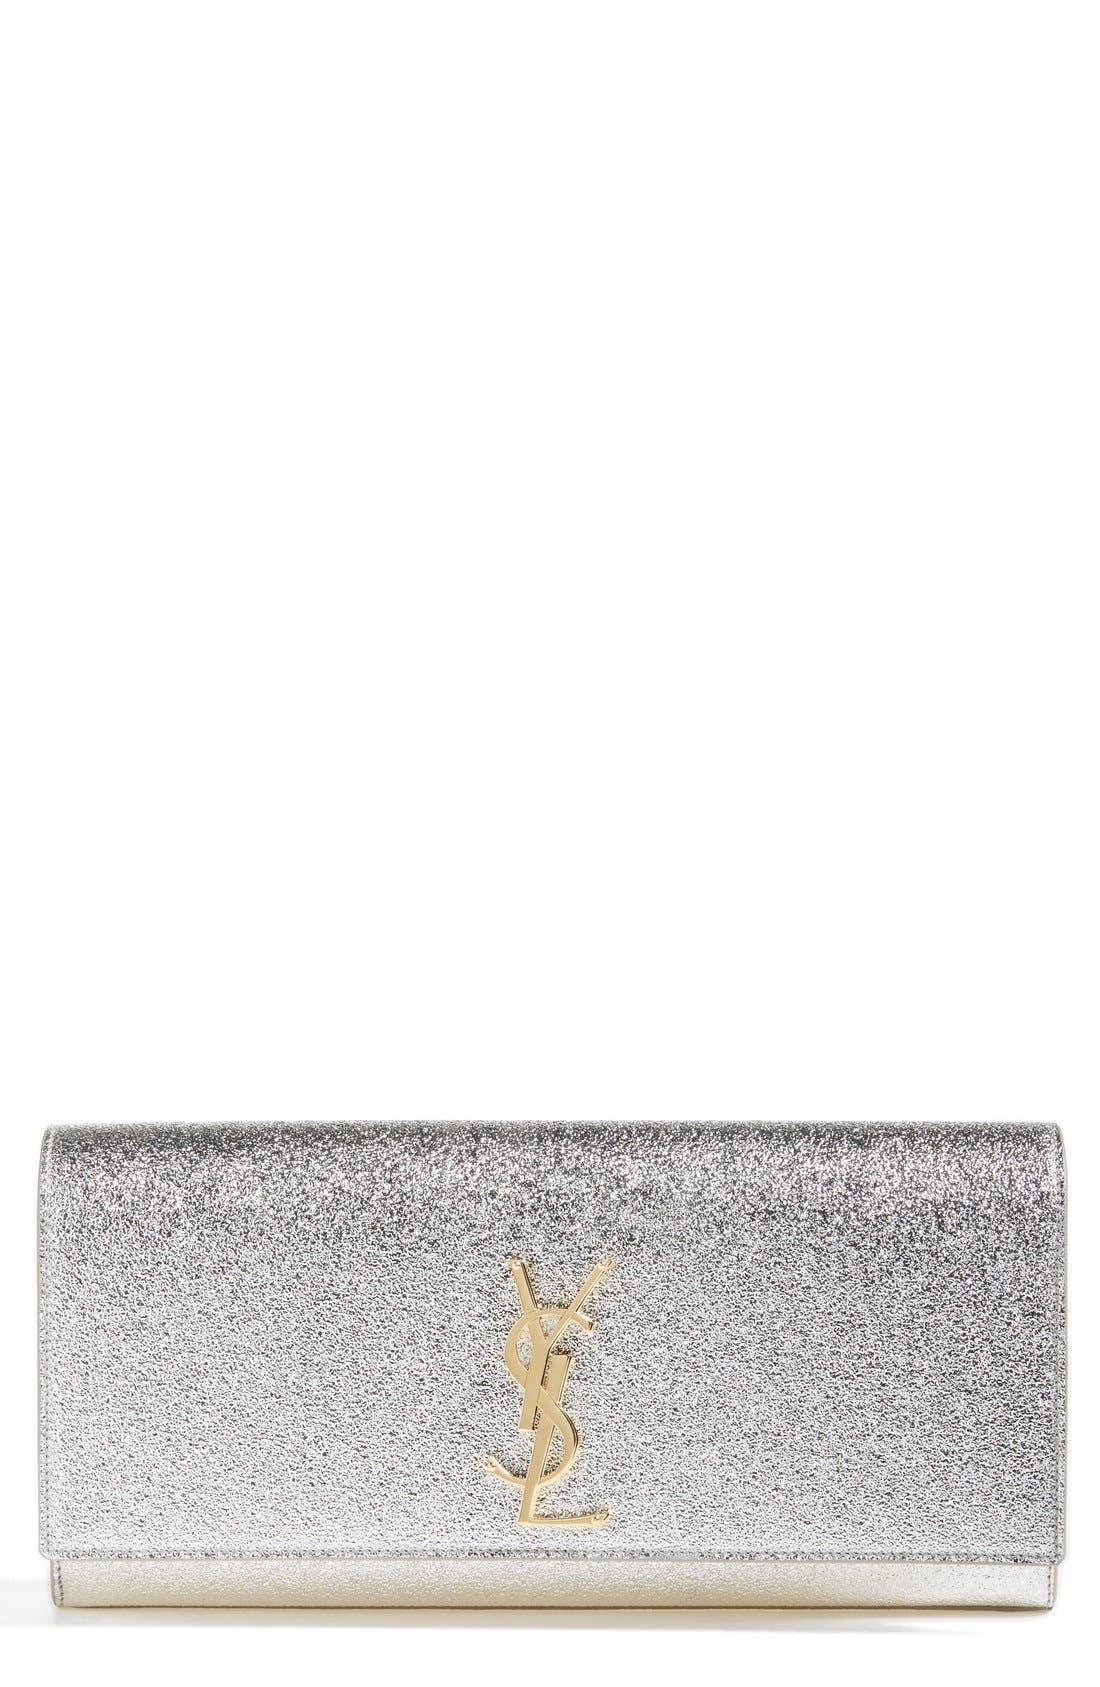 Alternate Image 1 Selected - Saint Laurent 'Cassandre' Leather Clutch